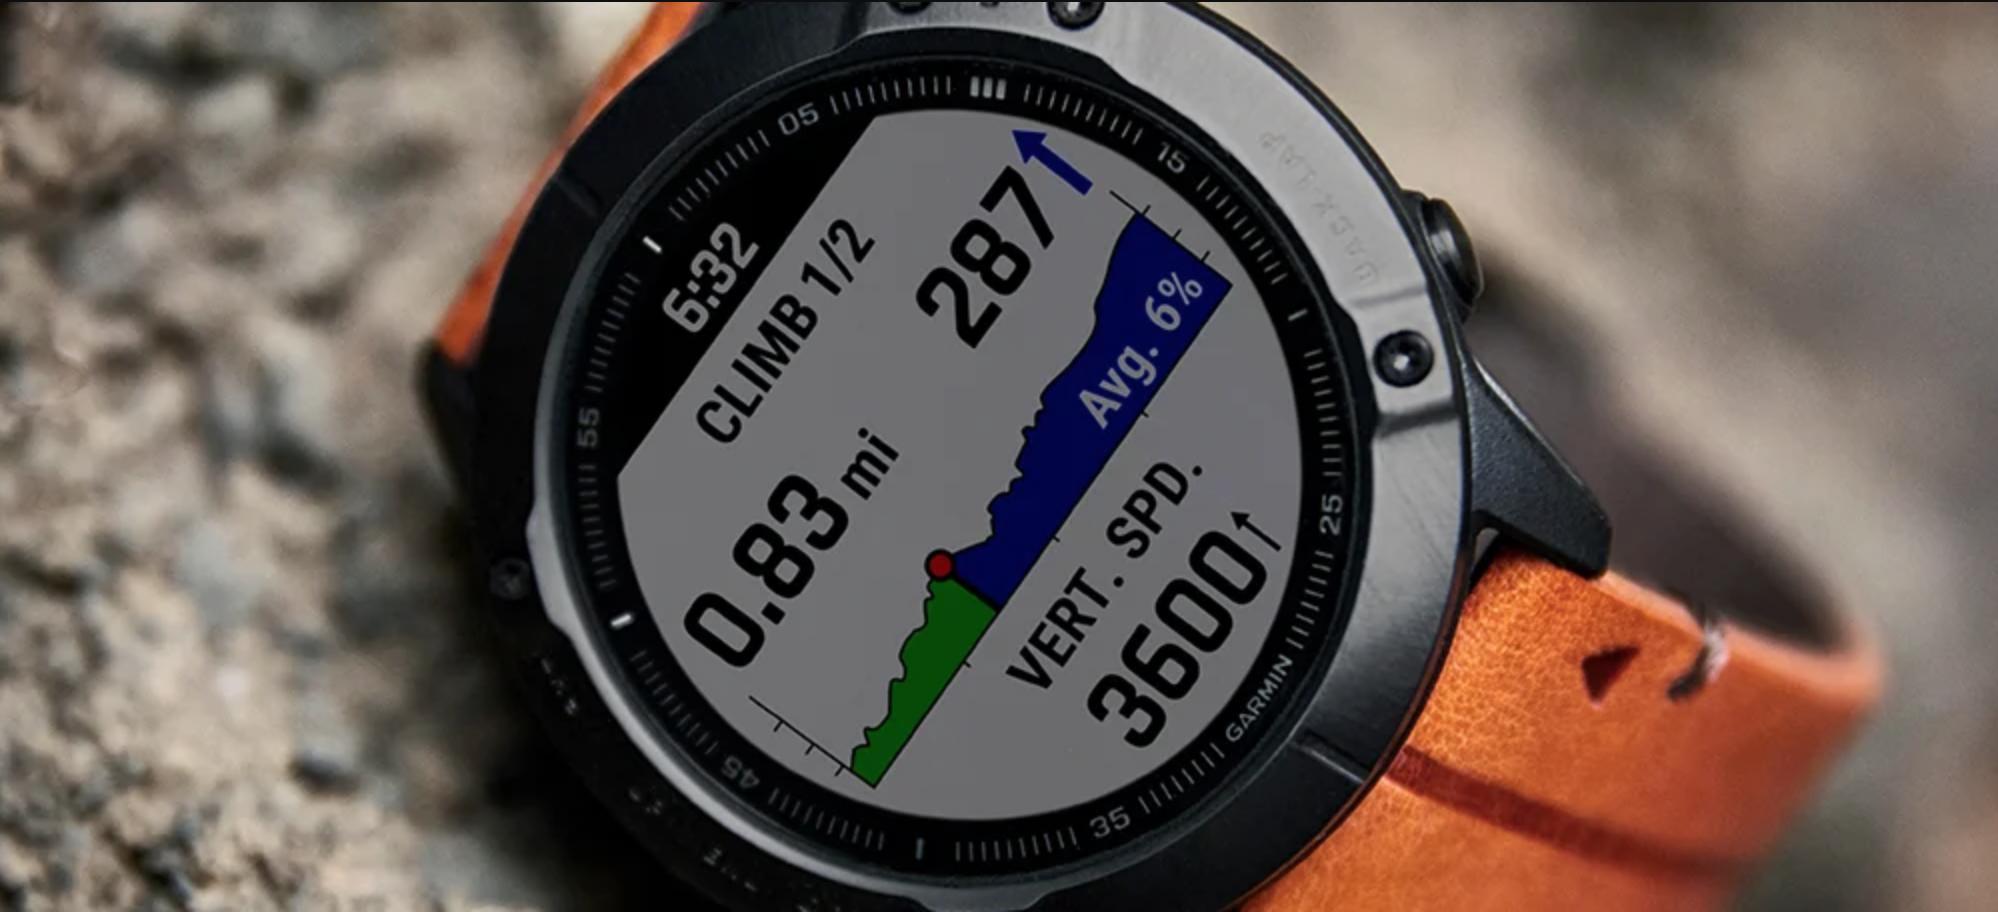 mejores relojes deportivos: Garmin fenix 6